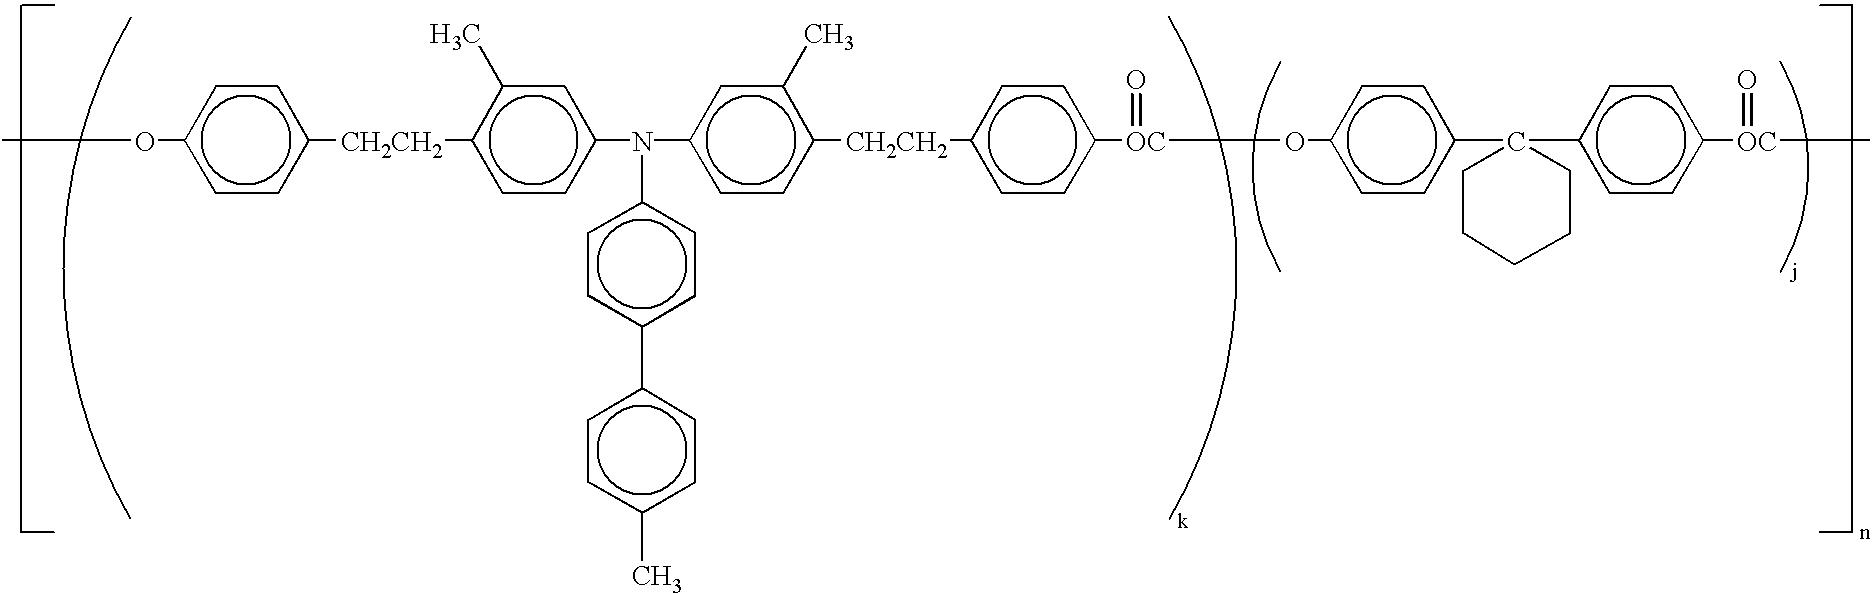 Figure US06939651-20050906-C00041